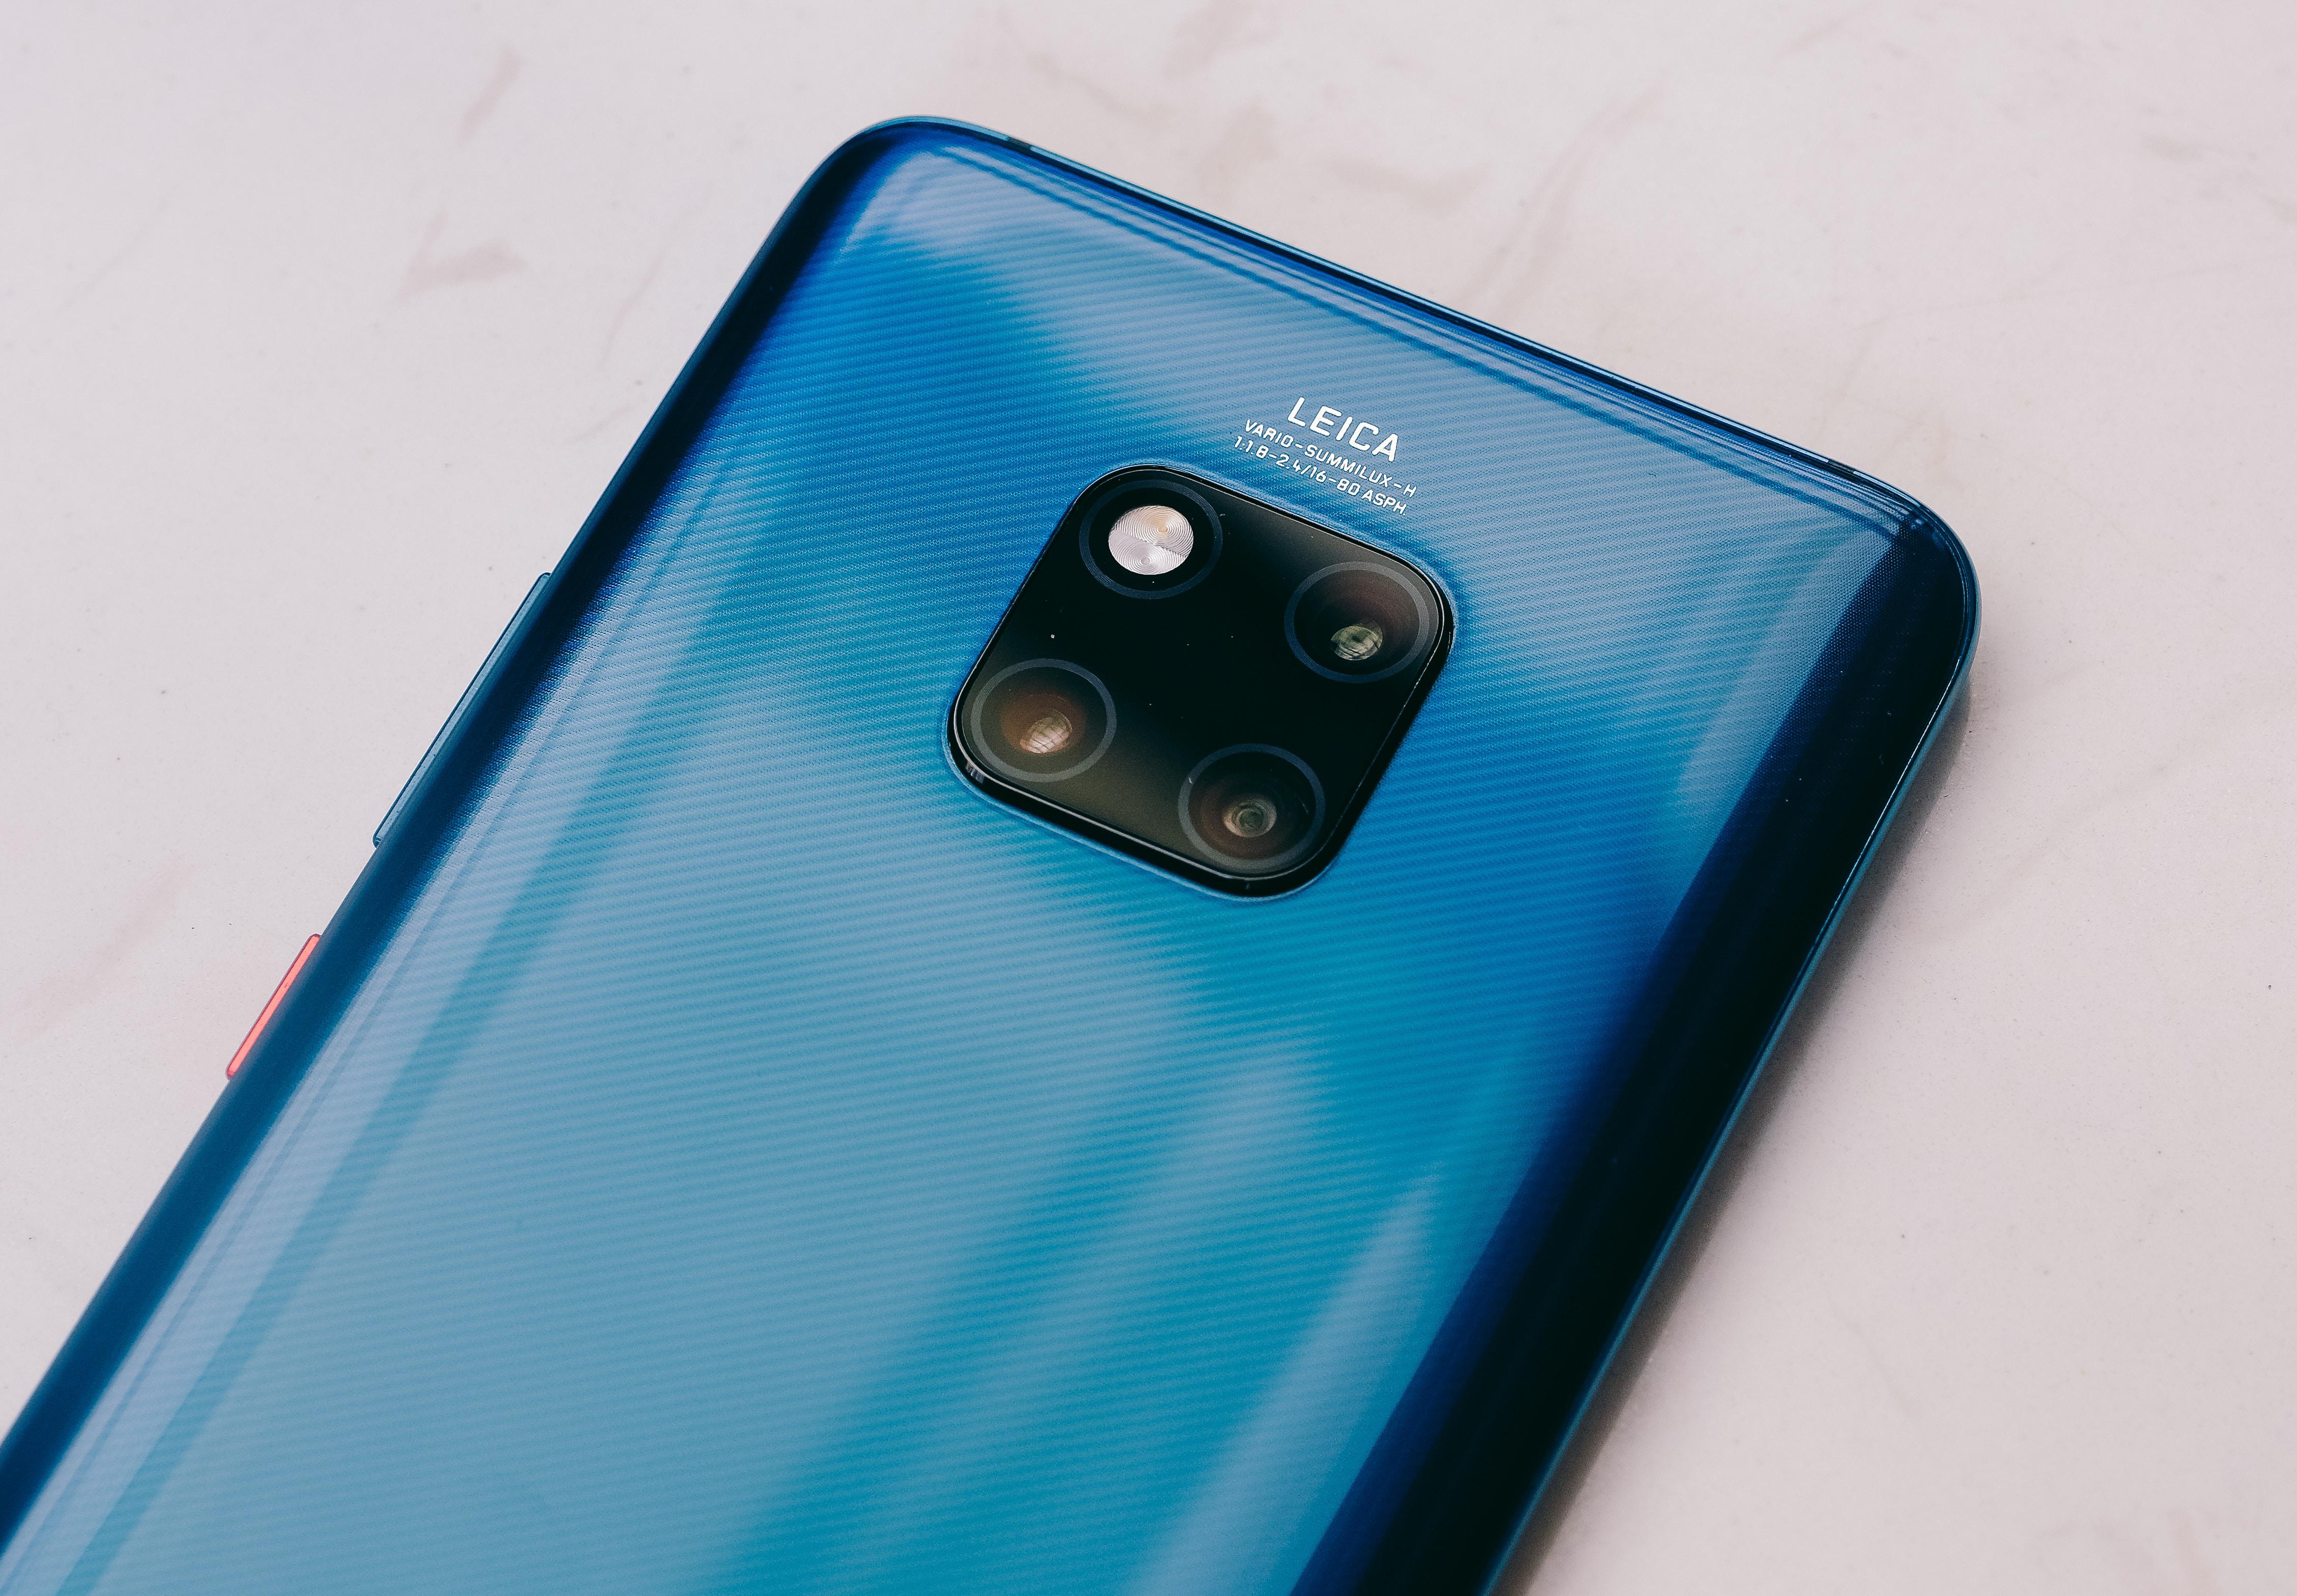 Originálne puzdrá na mobily Huawei: Ochráňte svoj telefón štýlovo!